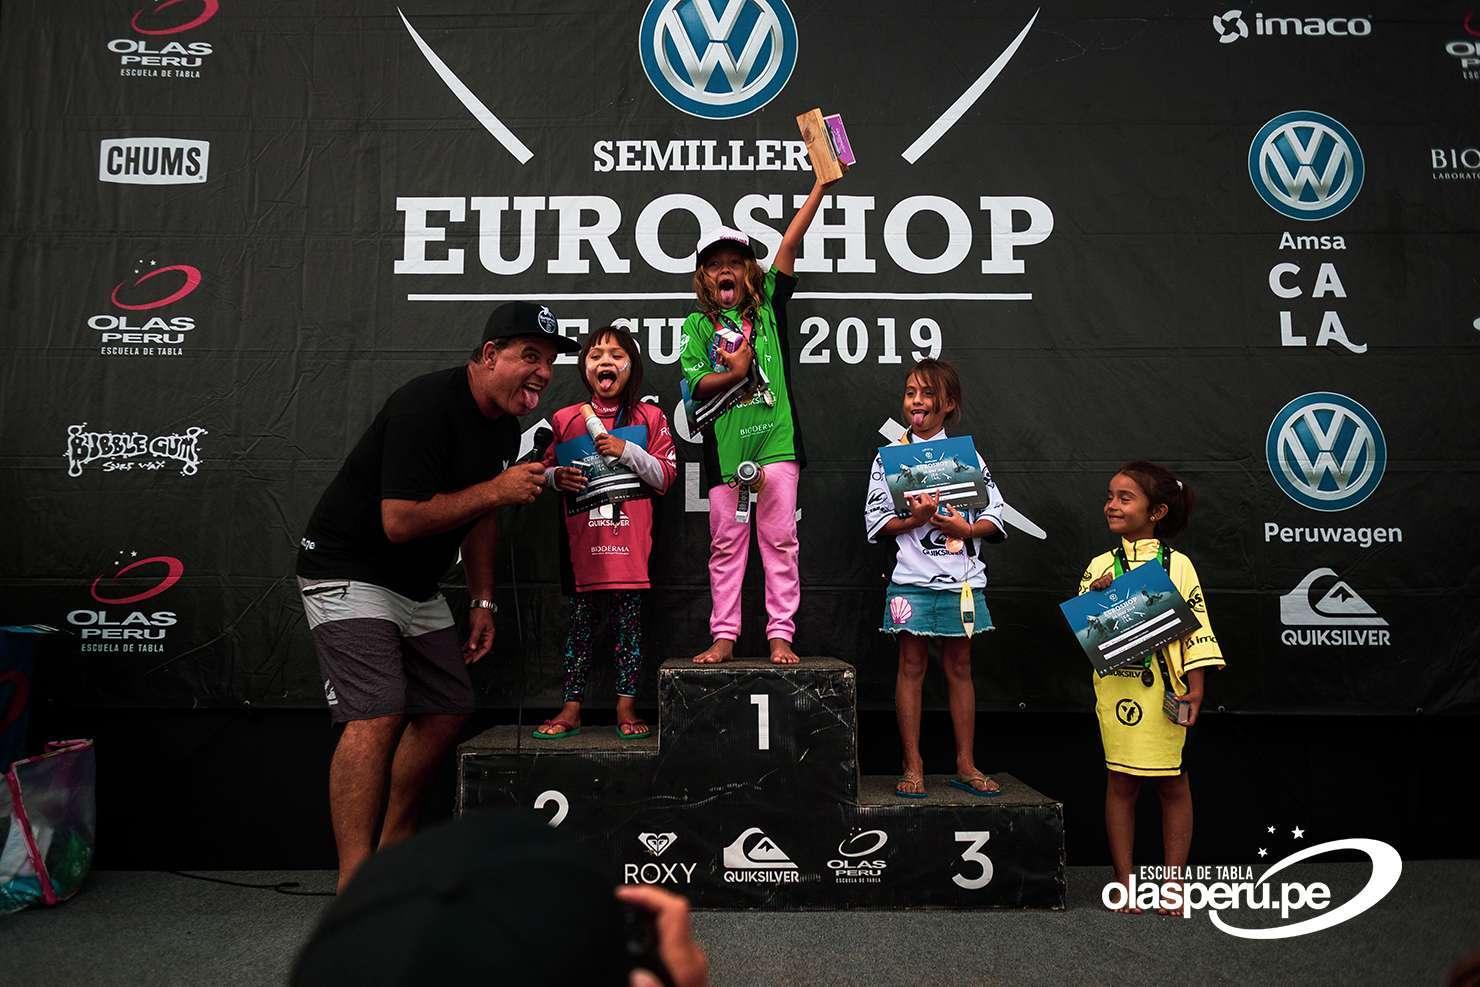 4° Fecha Semillero Euroshop 2019